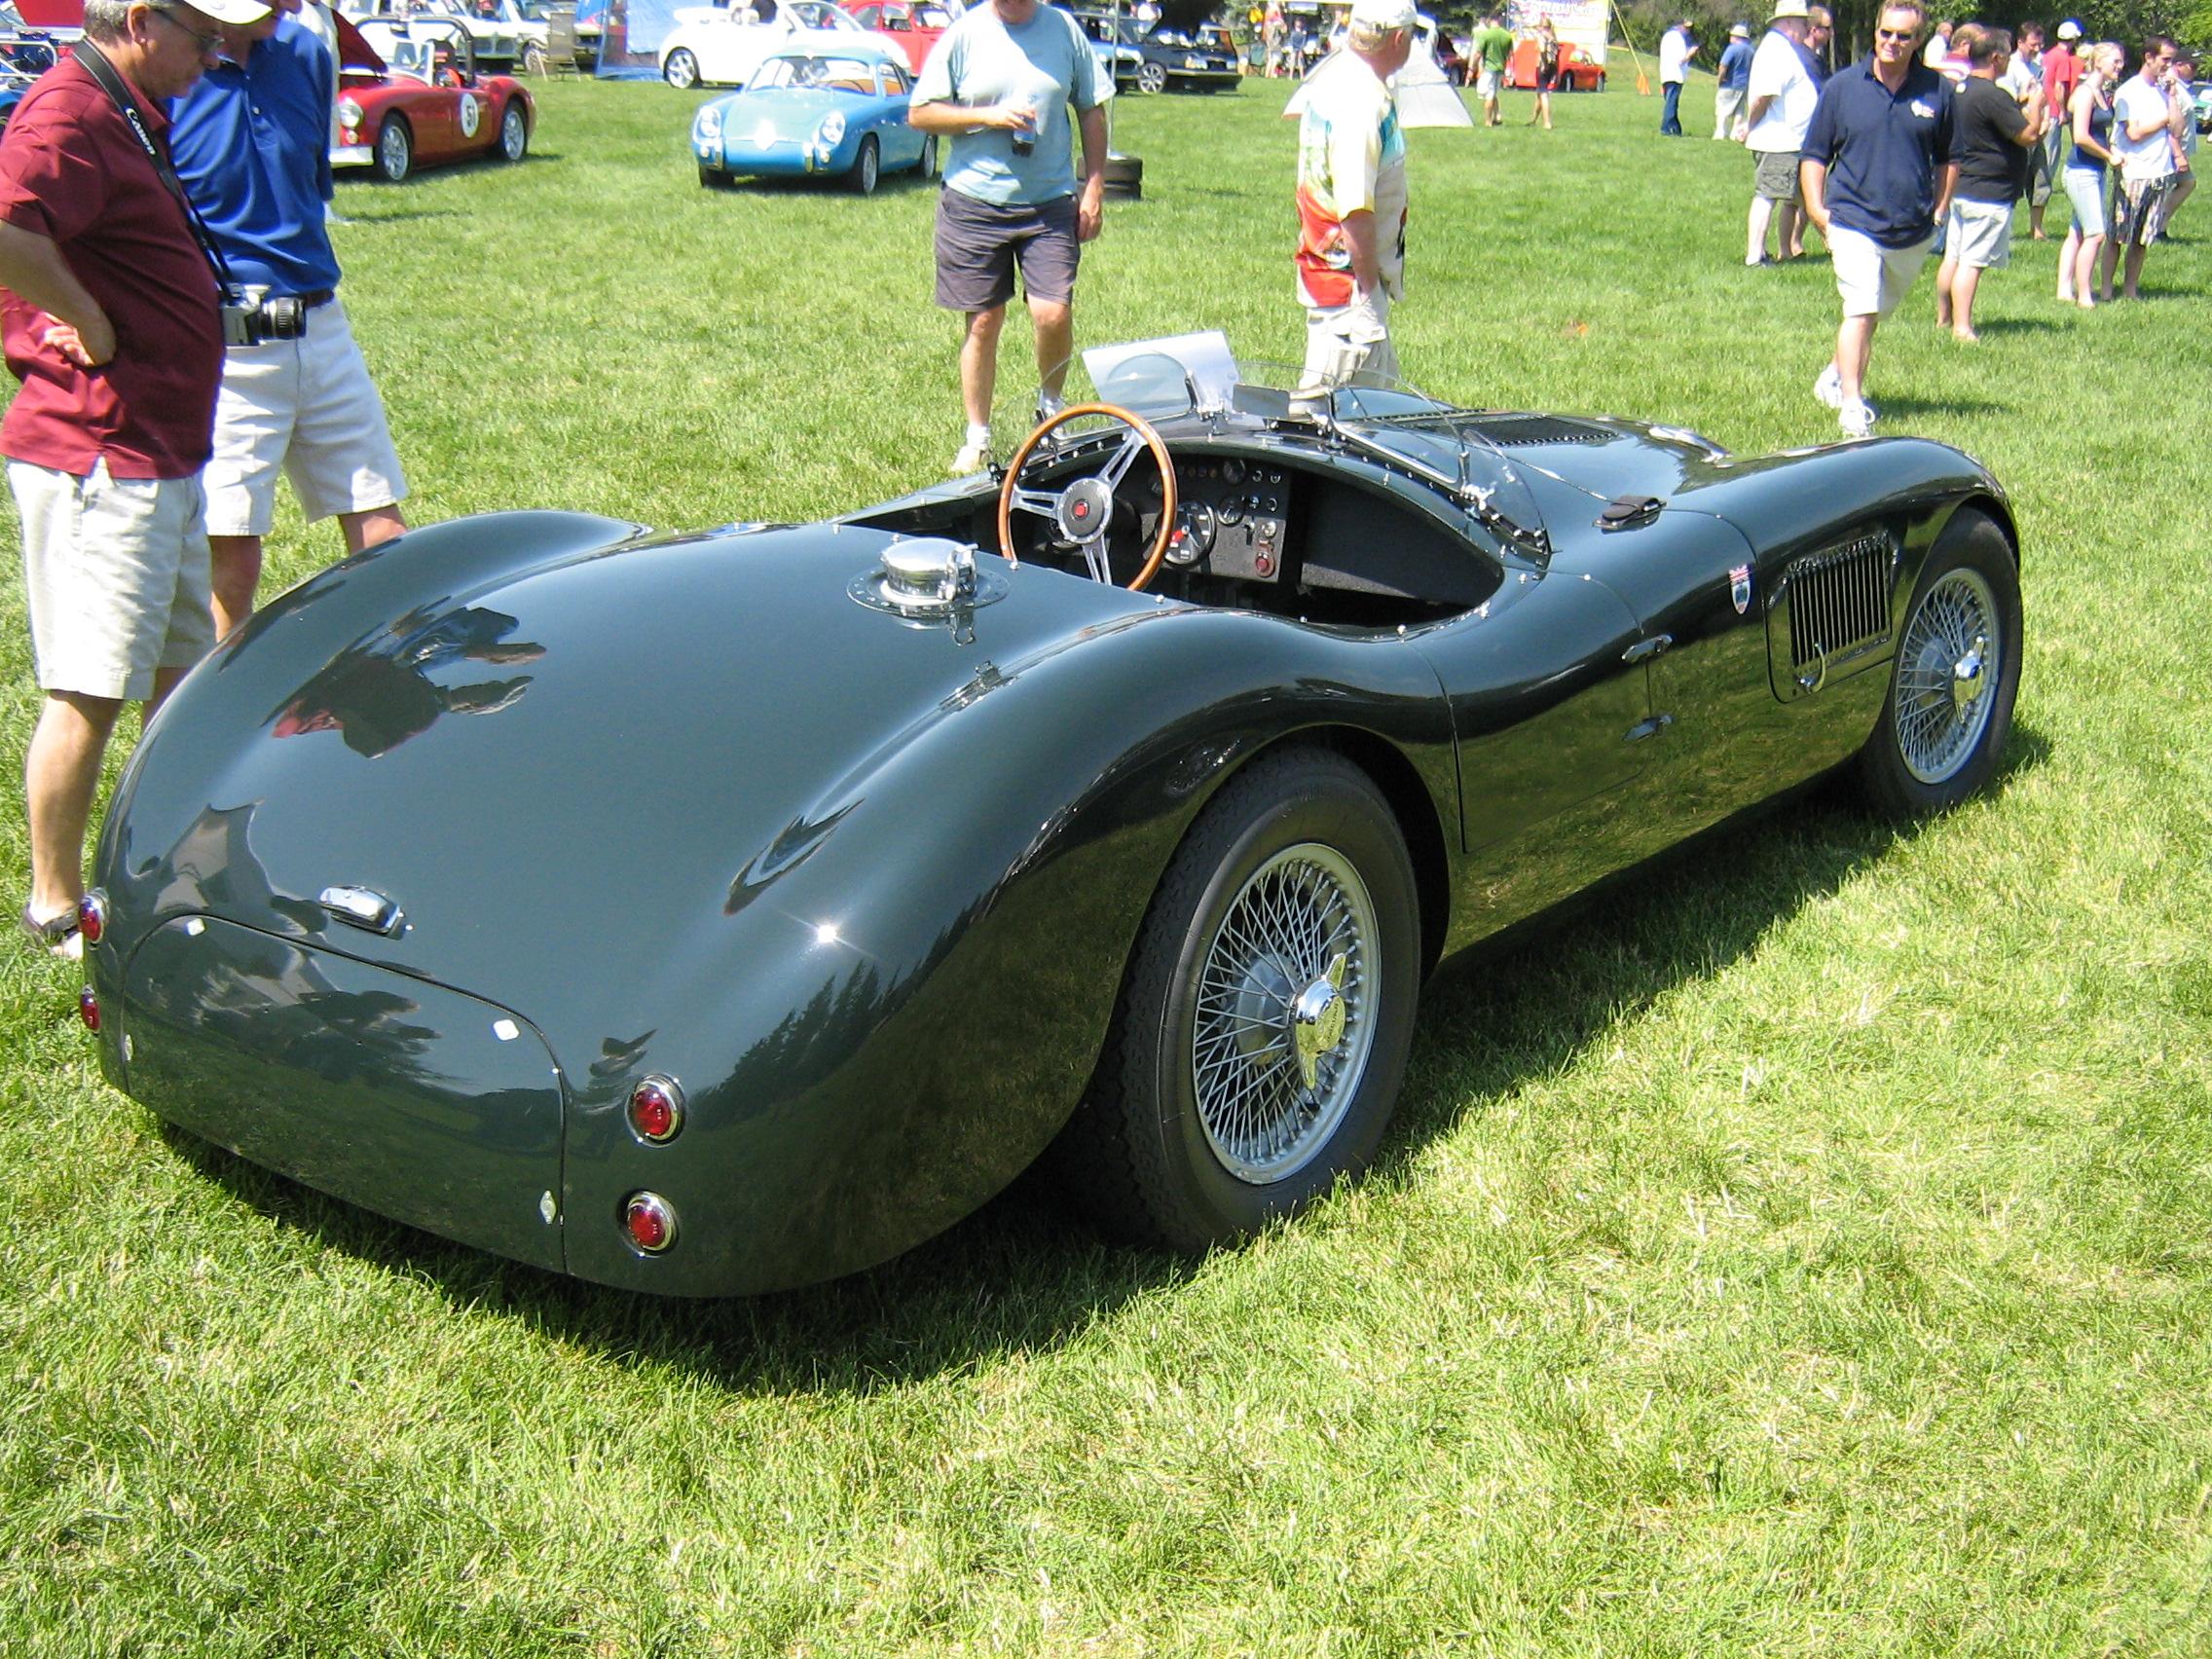 File:Jaguar C-Type Replica (2724220260) jpg - Wikimedia Commons